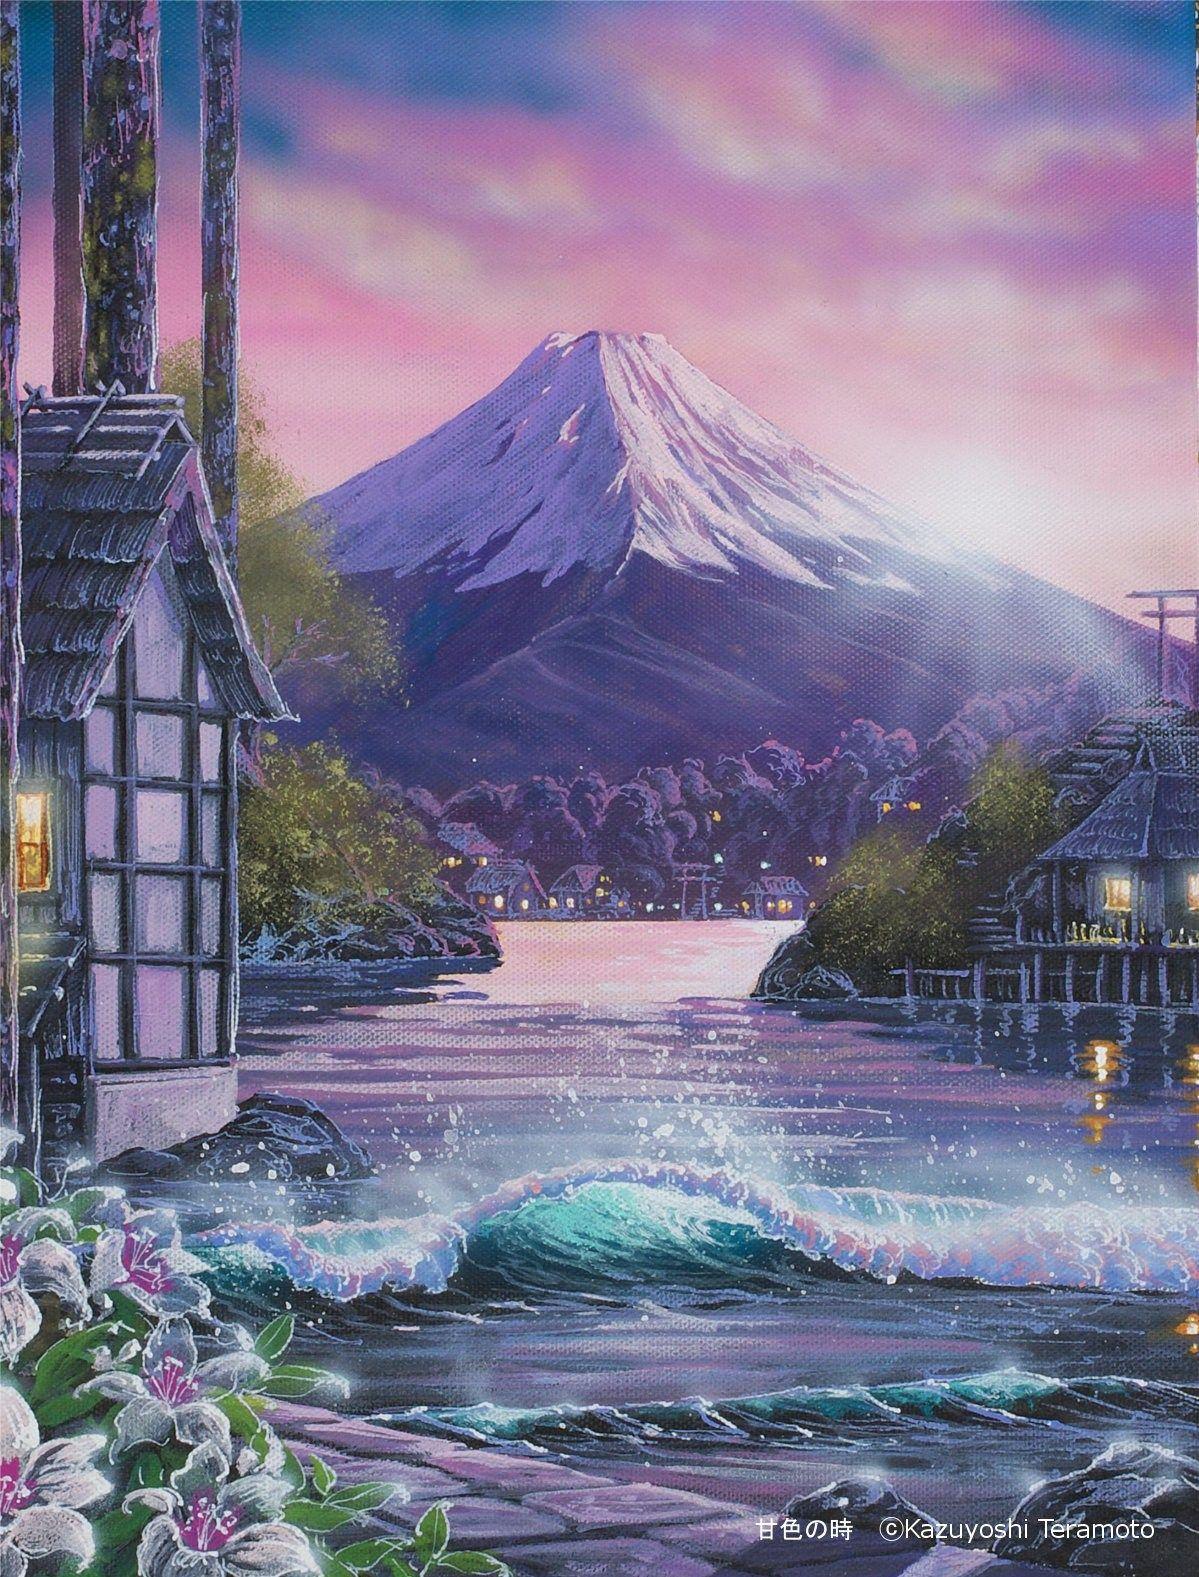 [ Album Art ] Quang cảnh vùng núi